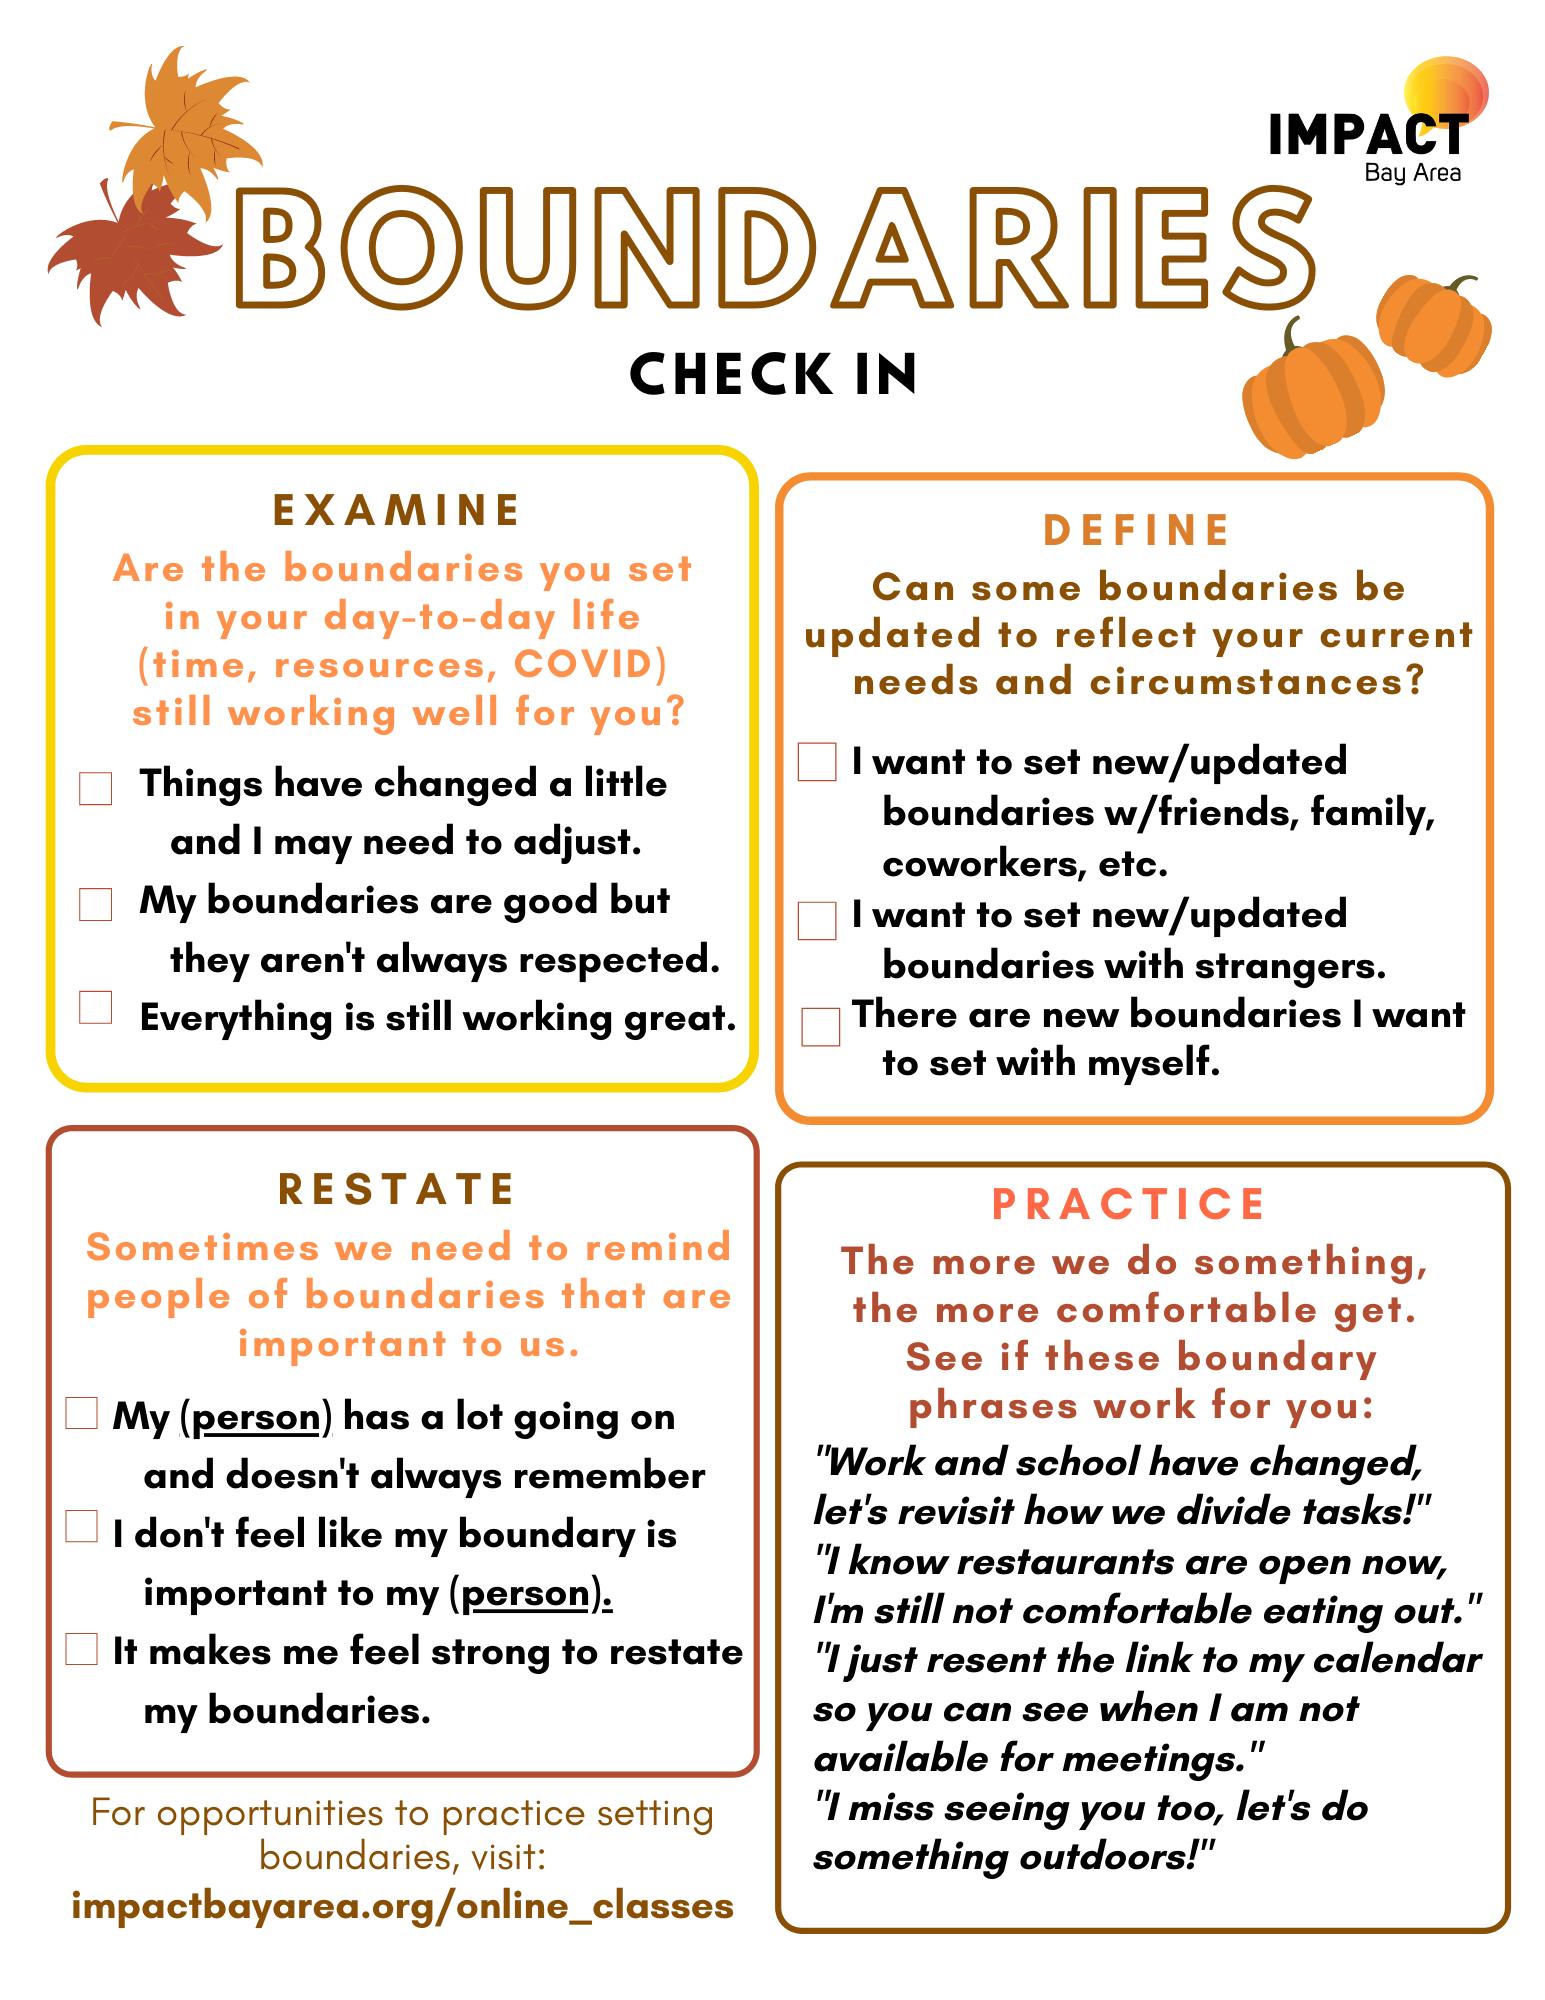 Boundaries_Check_In_(1).png